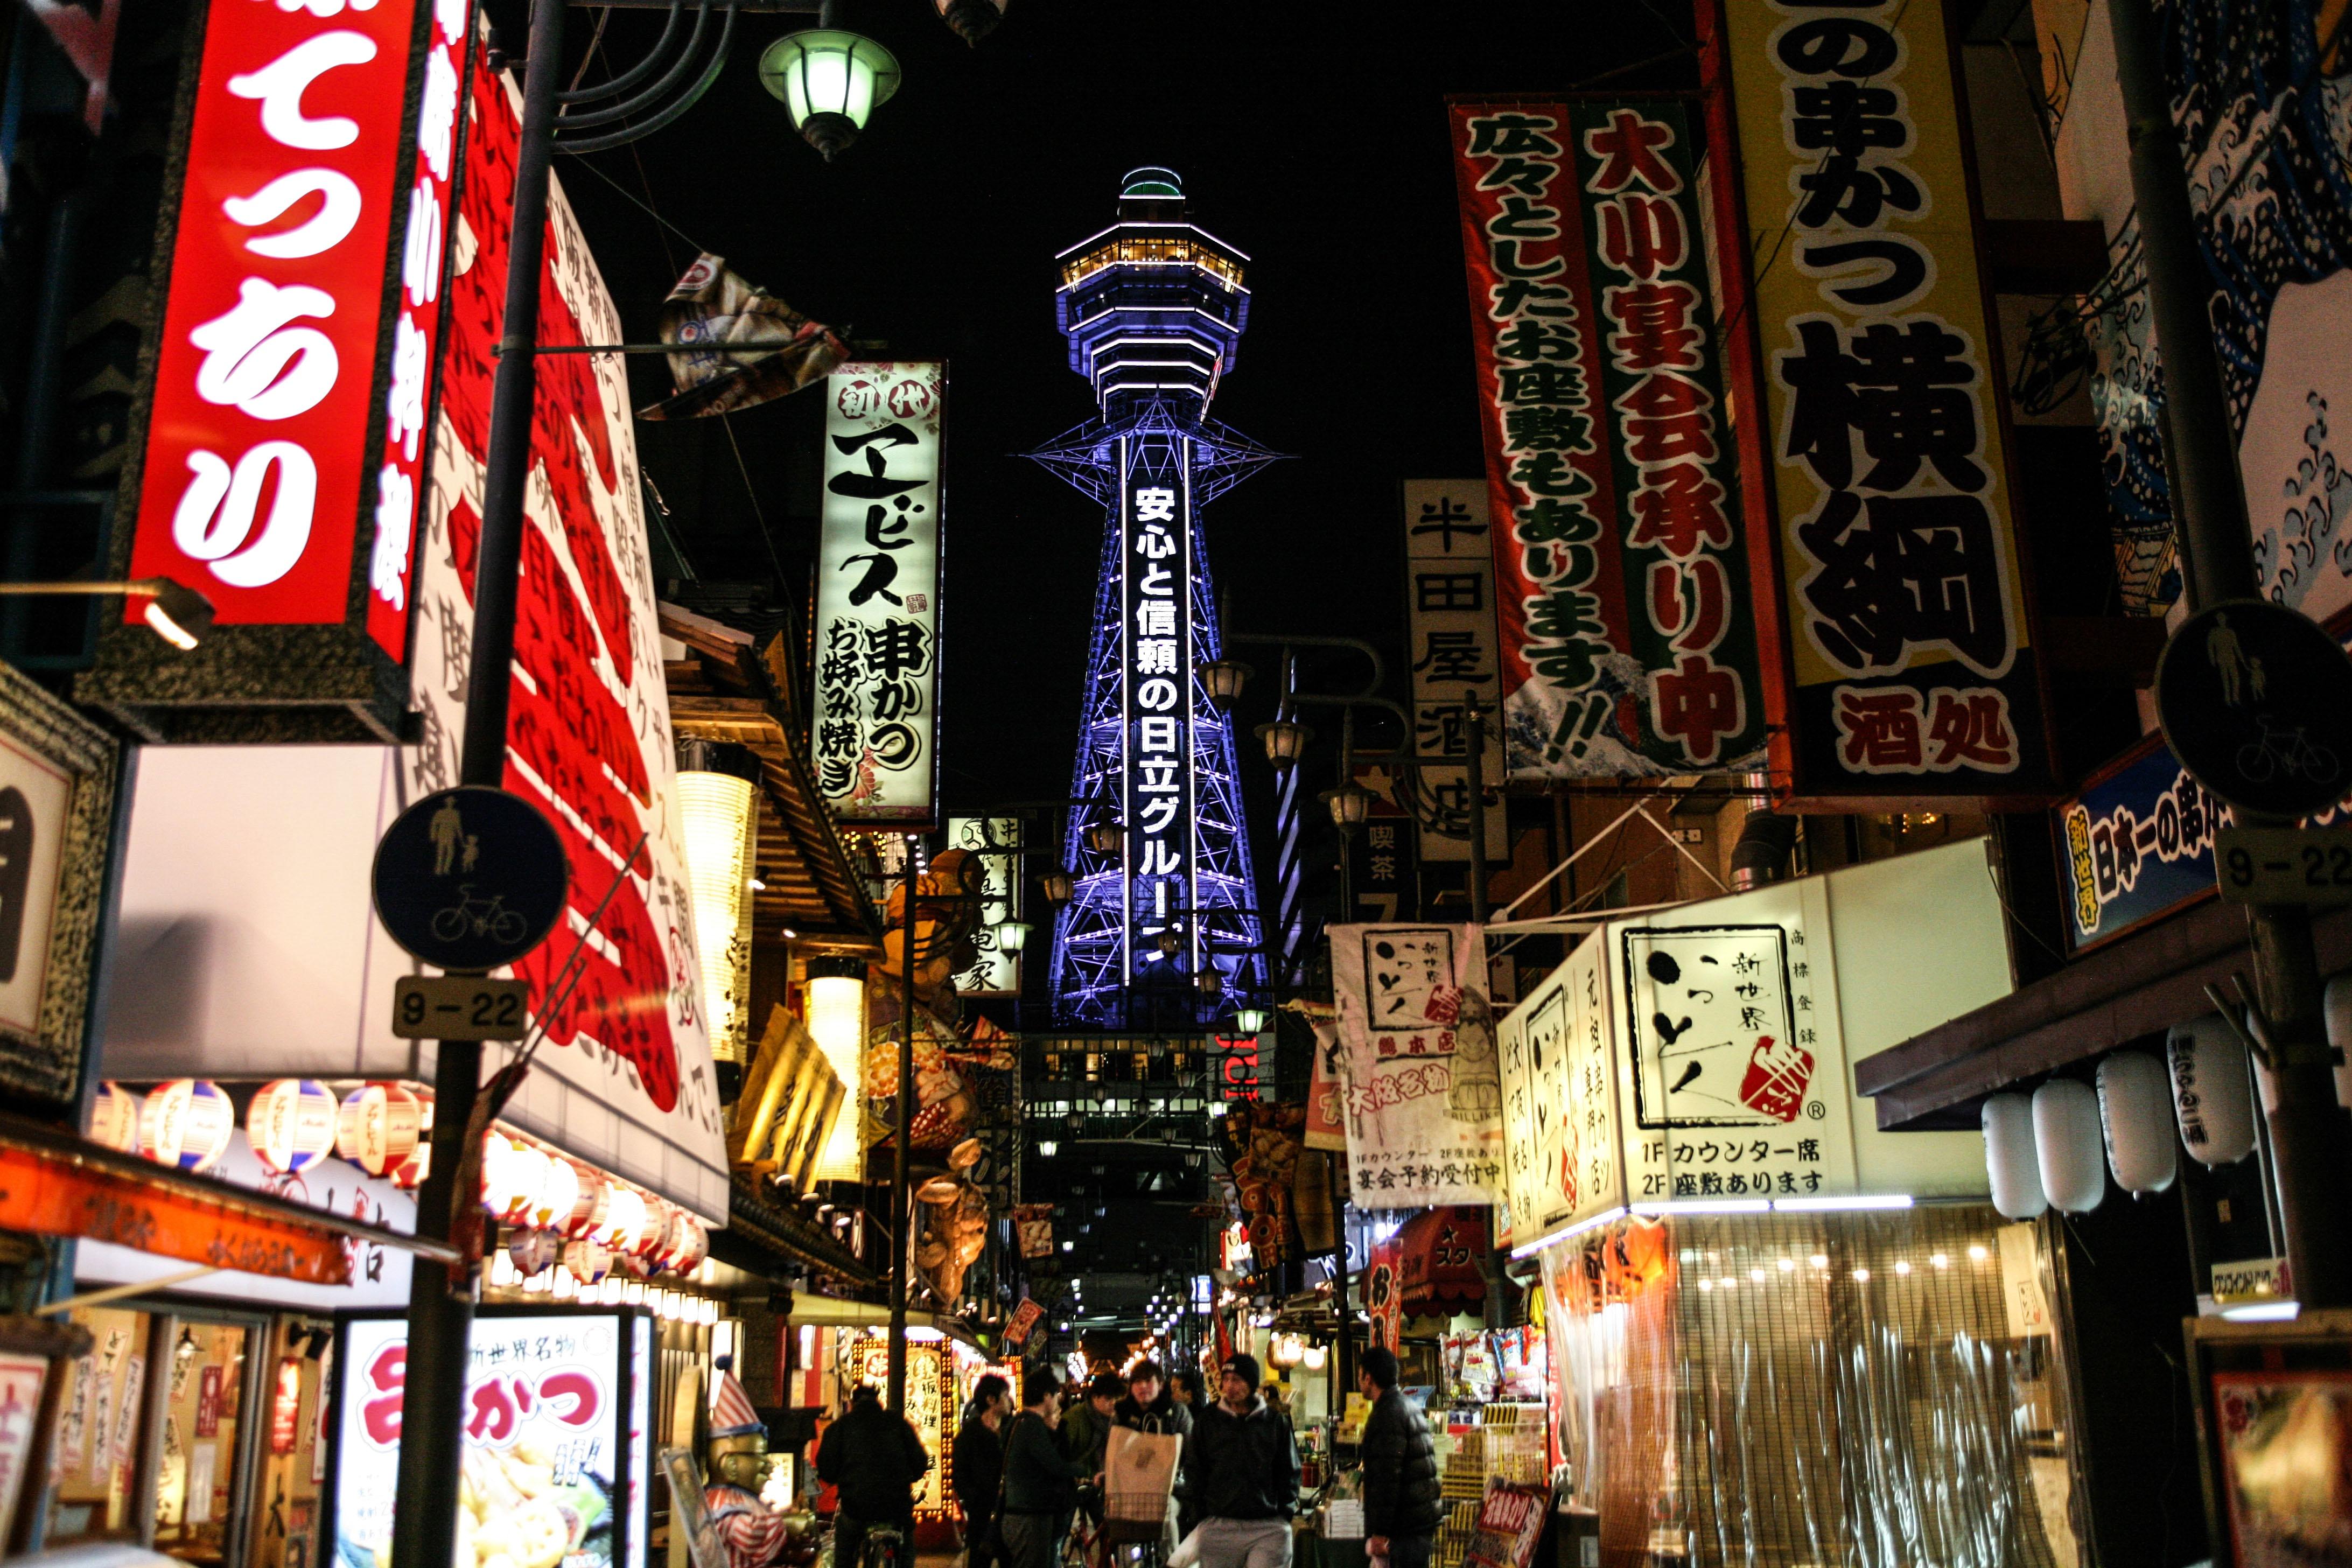 Tokyo va hanh trinh kham pha nhip song thuong ngay o Nhat Ban hinh anh 57